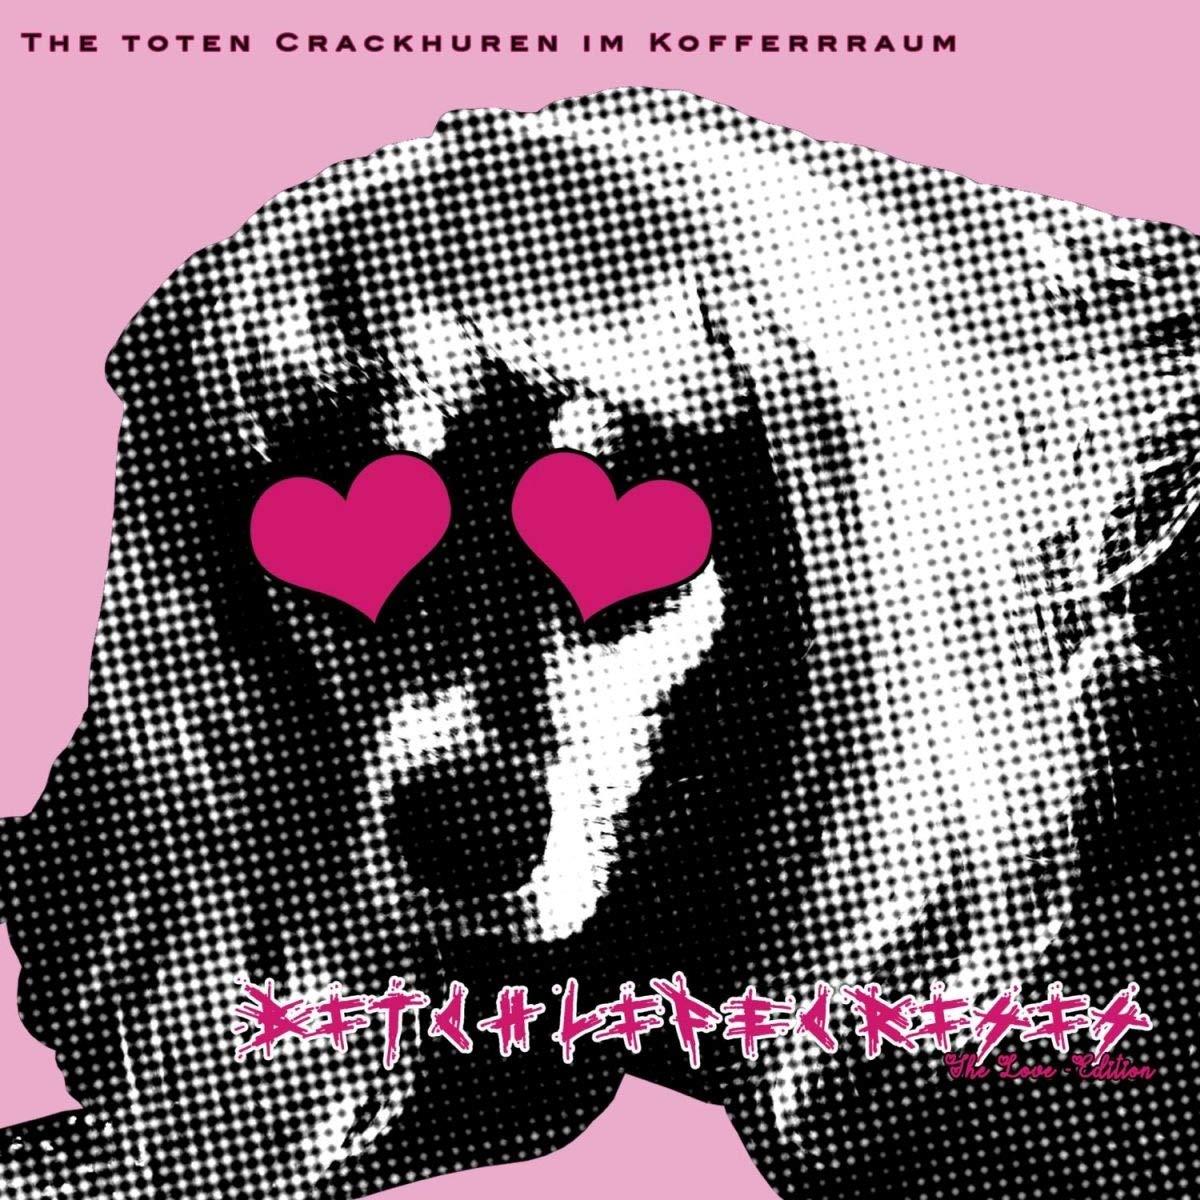 """The Toten Crackhuren im Kofferraum """"Bitchlifecrisis"""""""